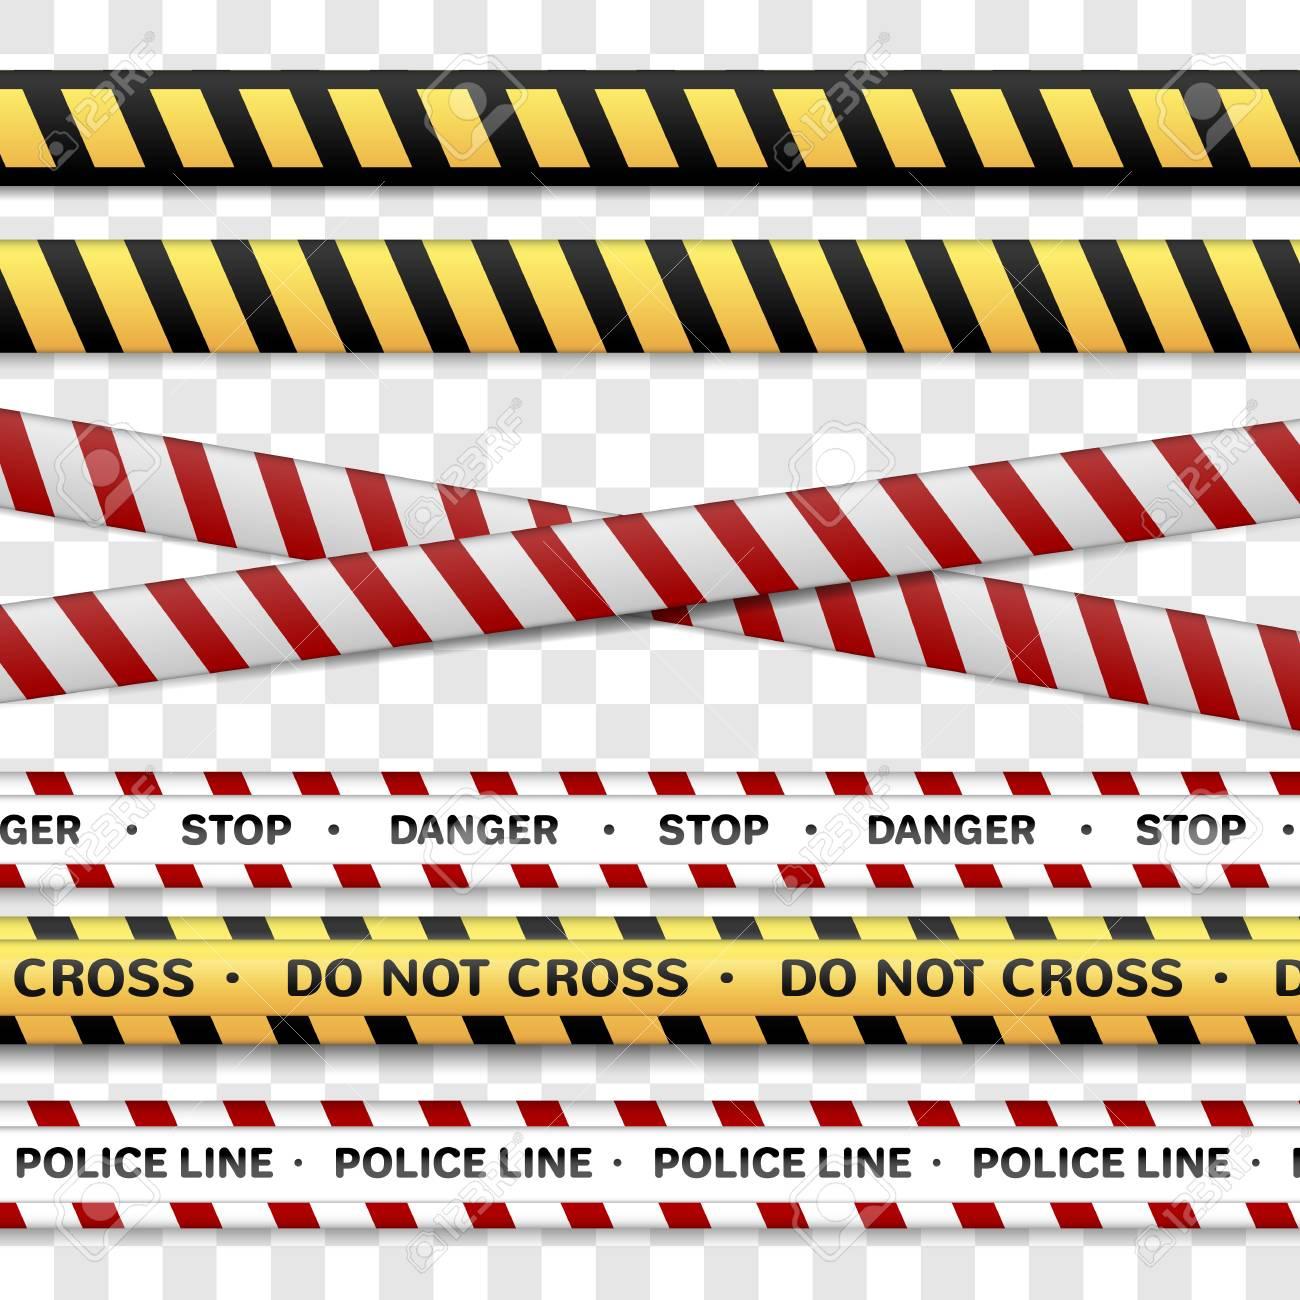 1300x1300 Police Line Flag Clipart Vector